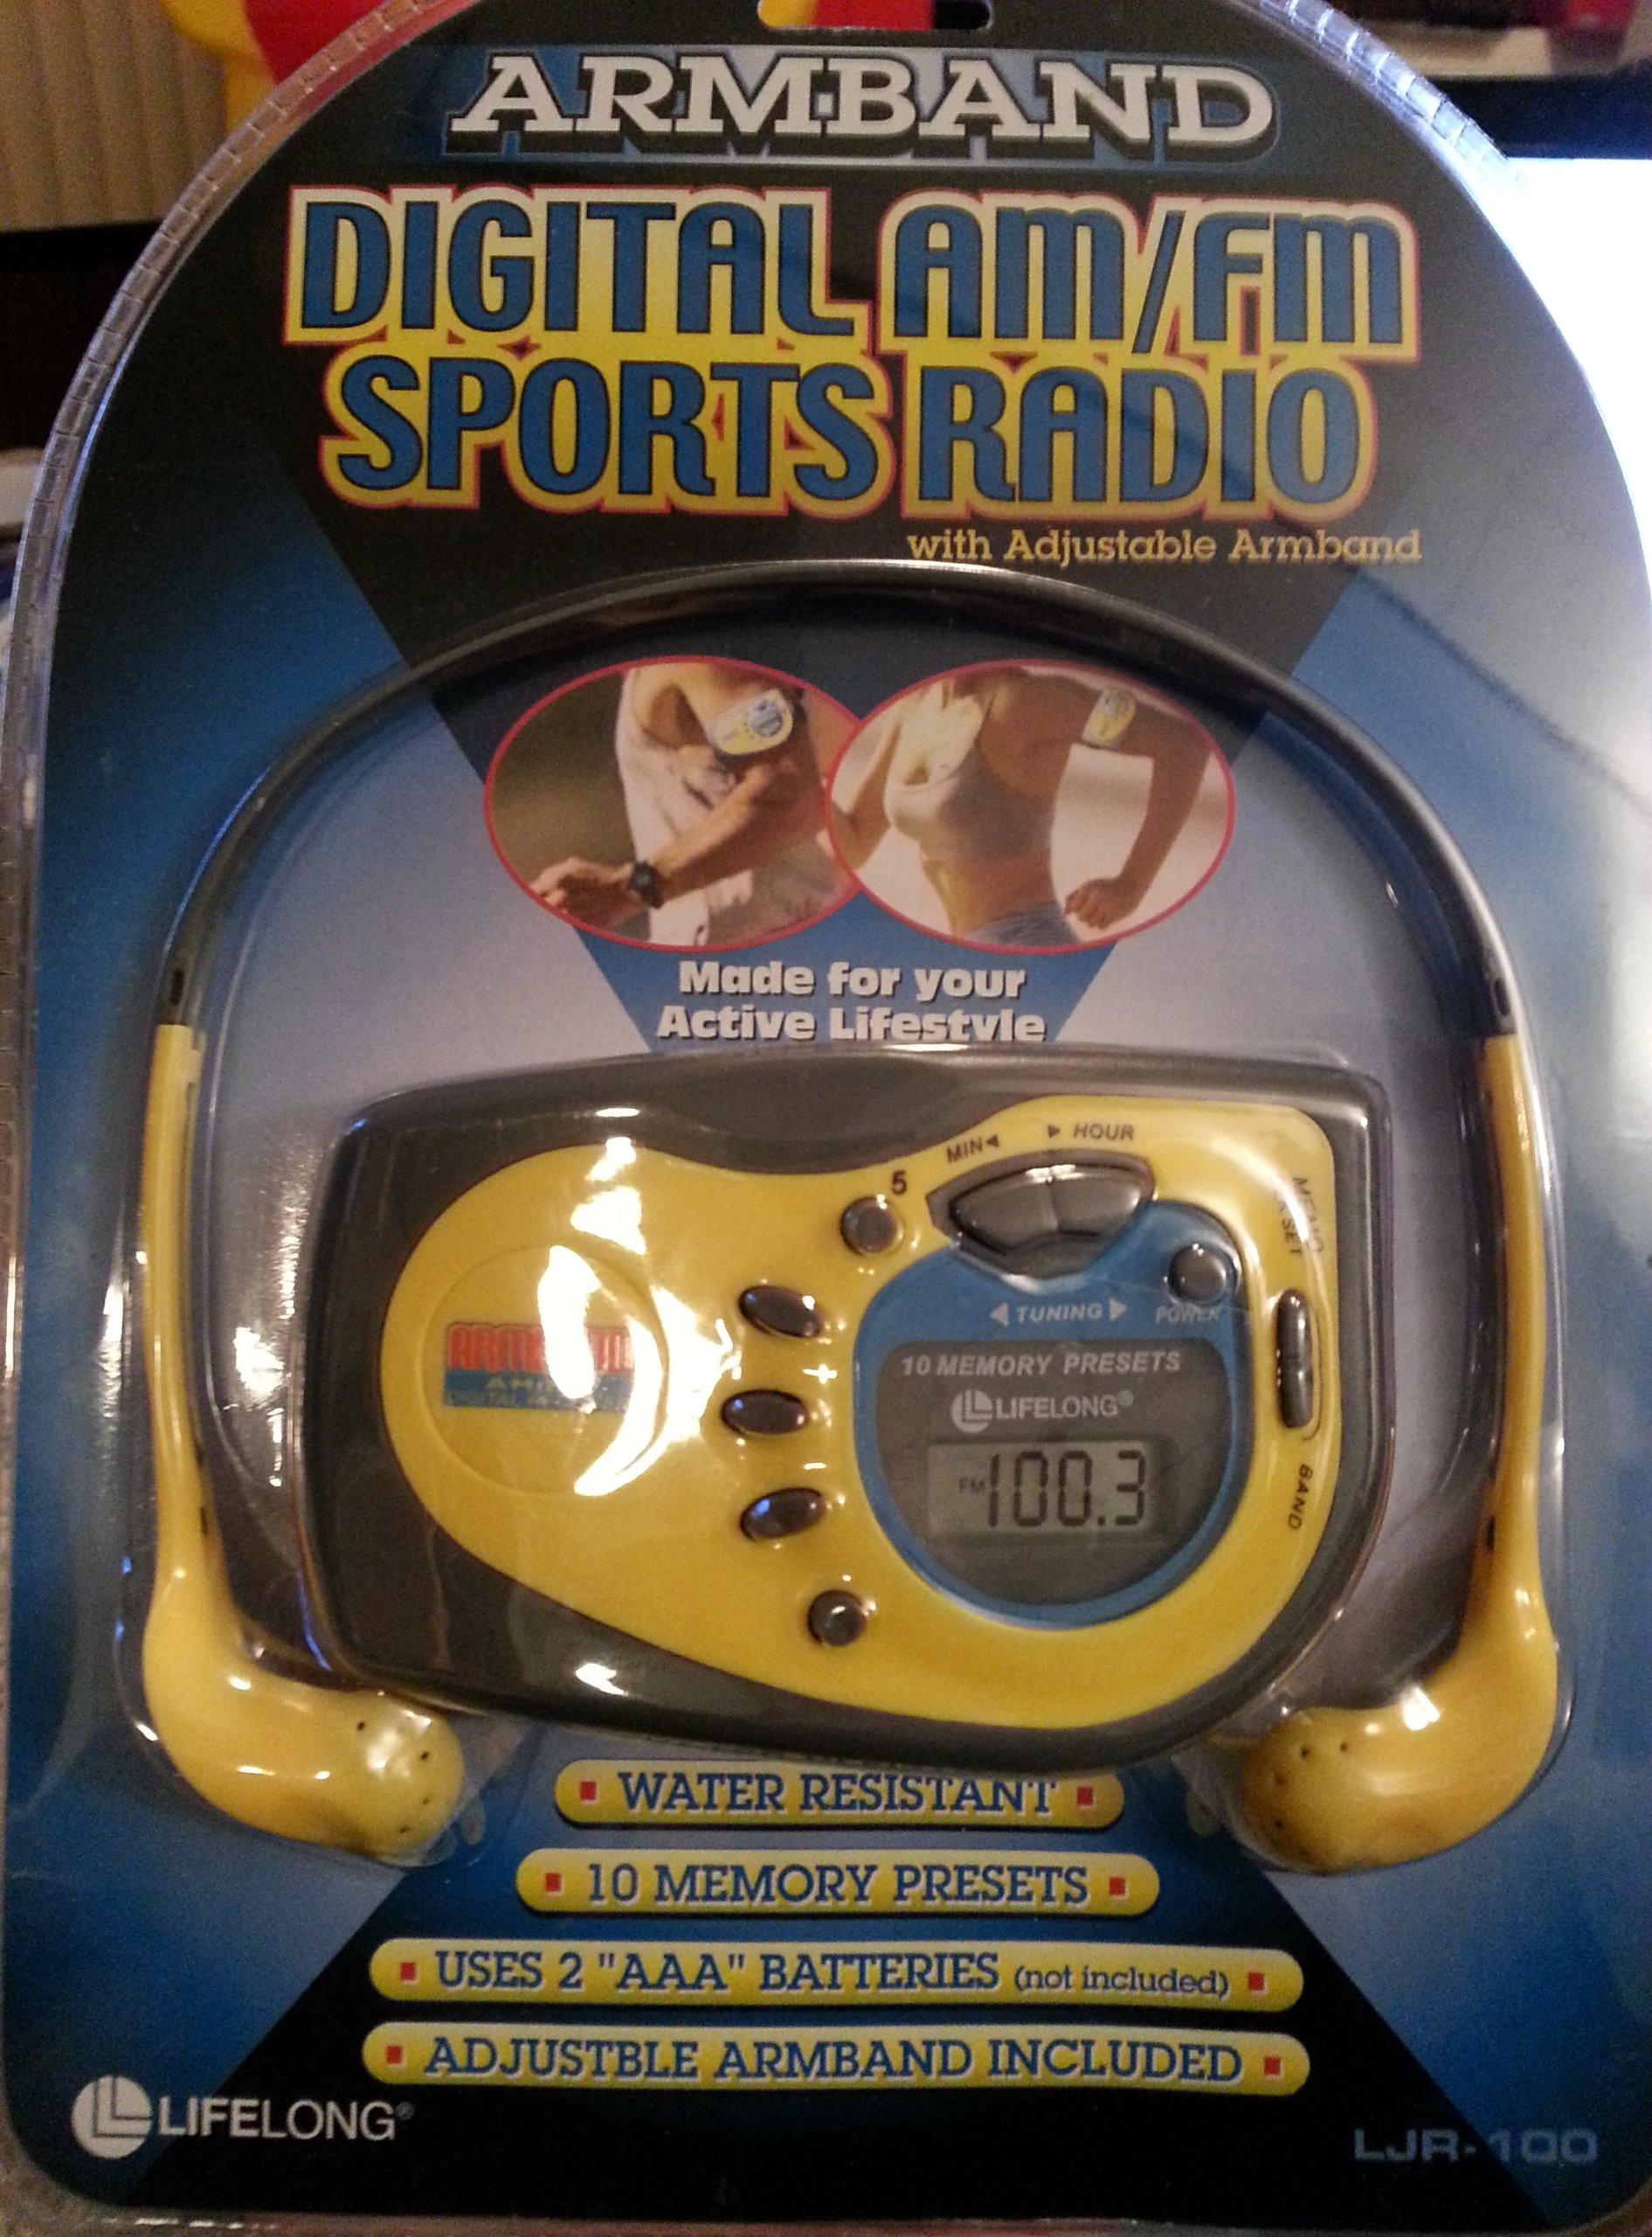 Digital Am/fm Sports Radio